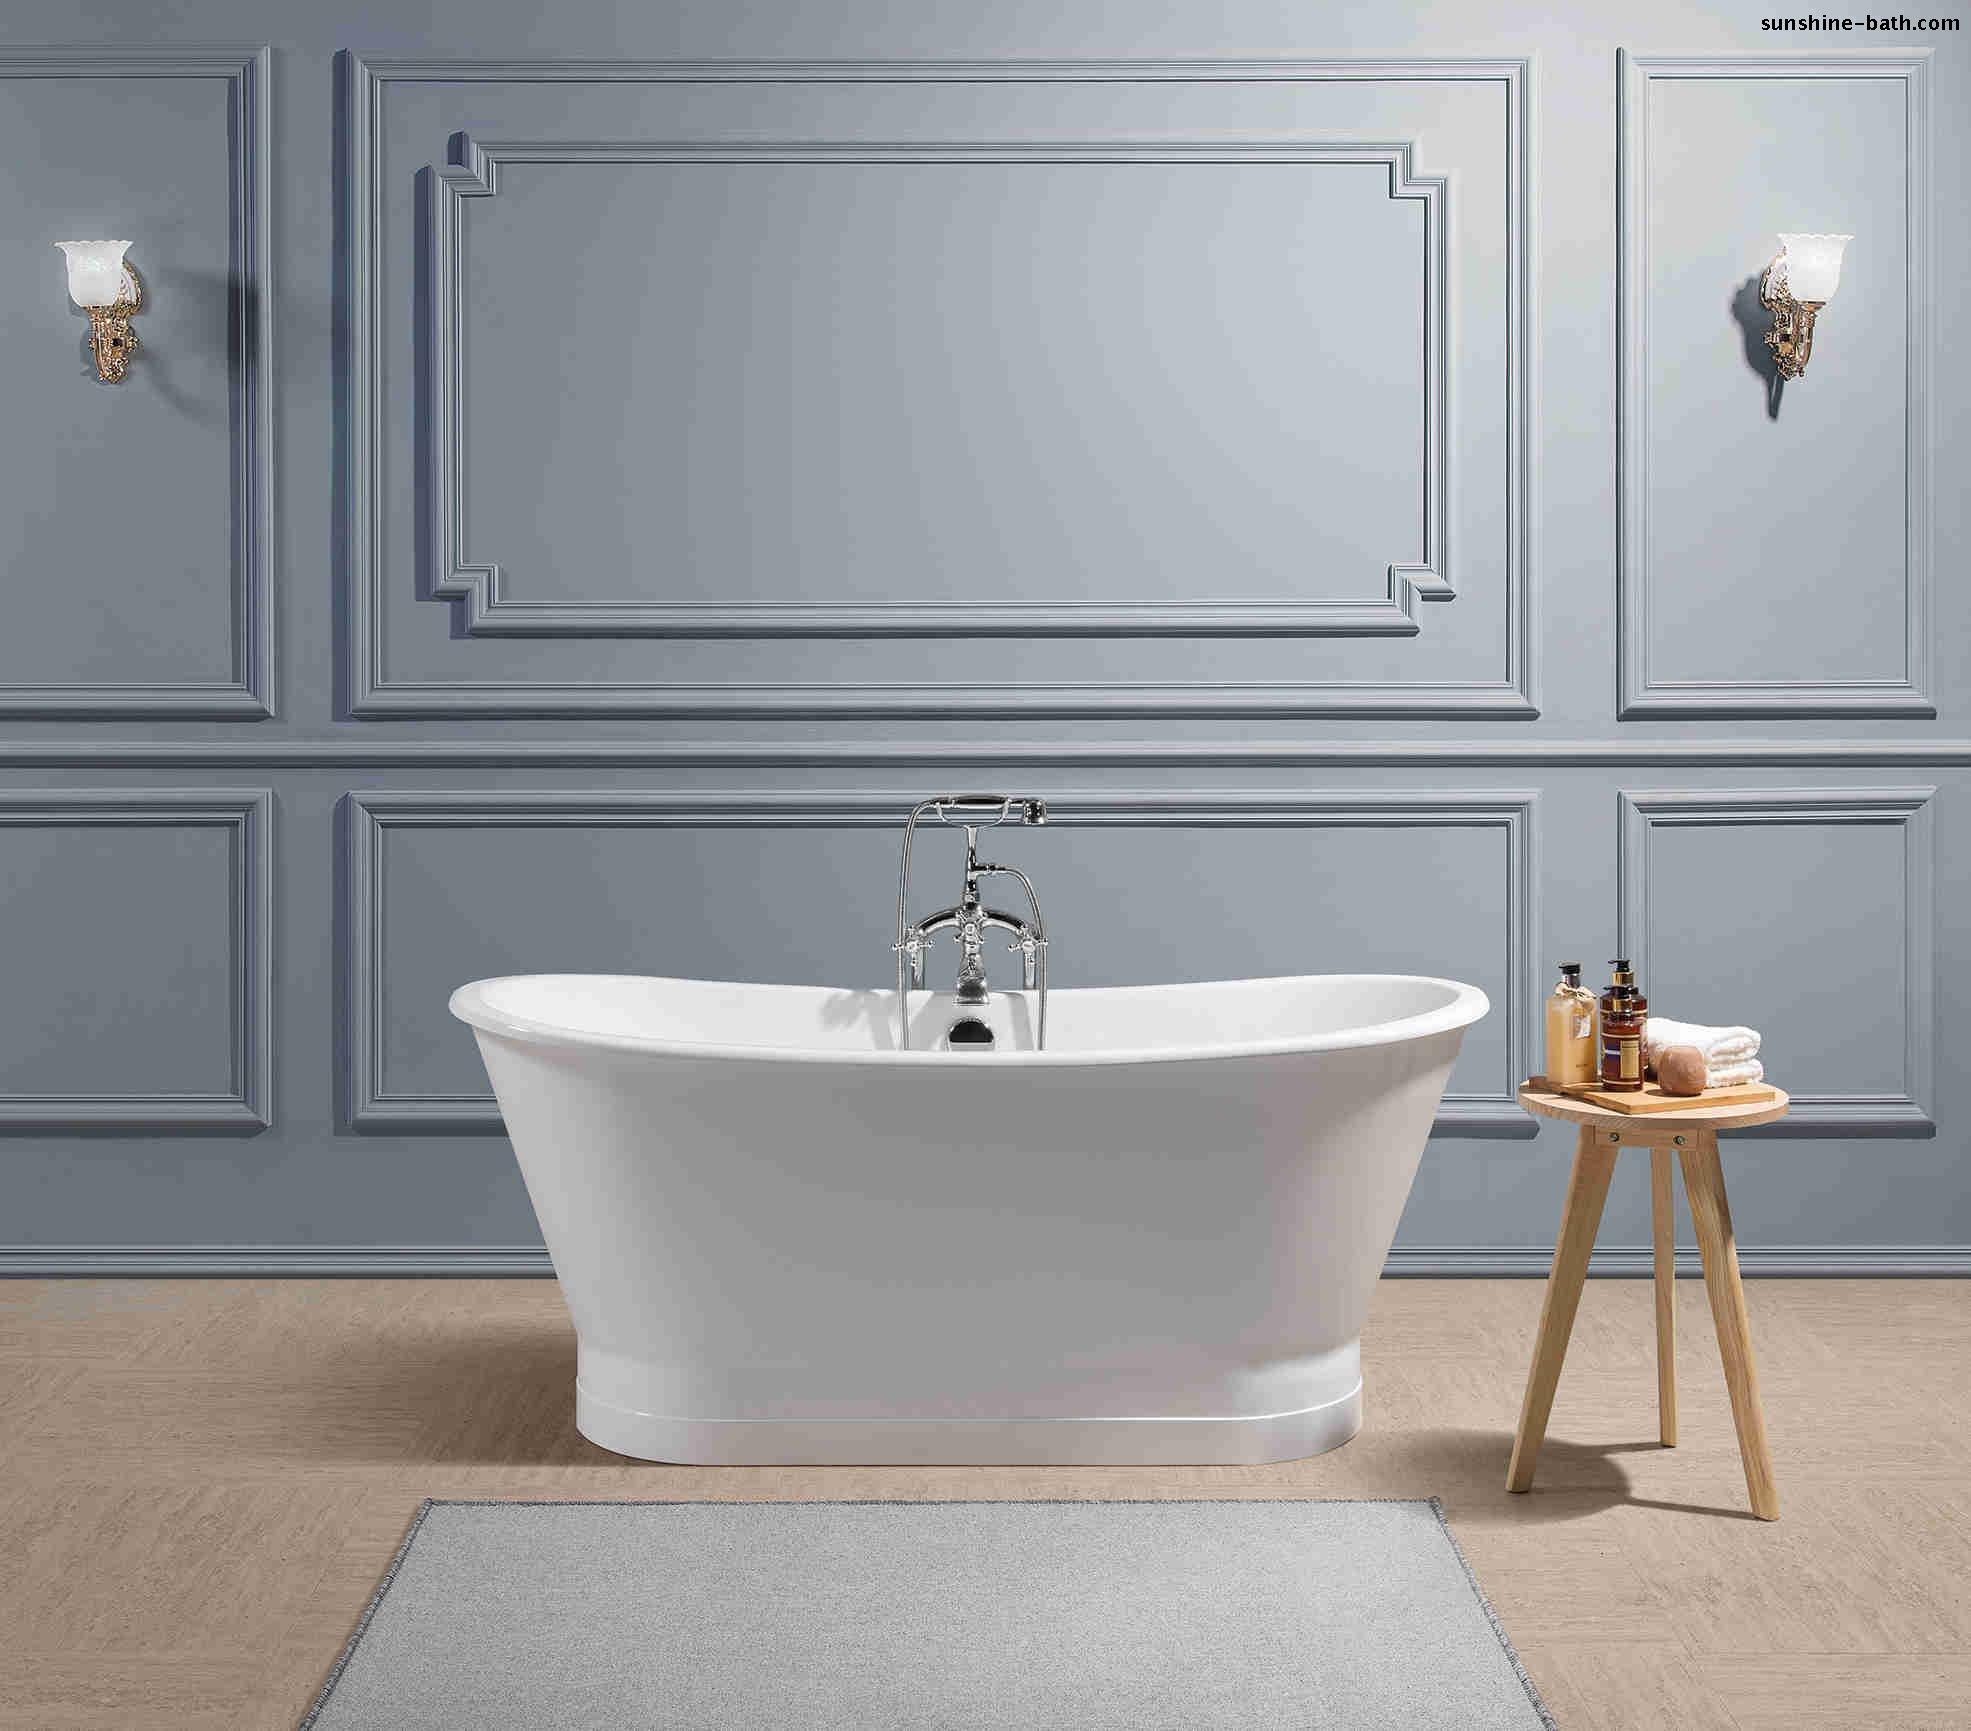 SW-1002B - Buy cast iron bathtub, porcelain enamel bathtub ...